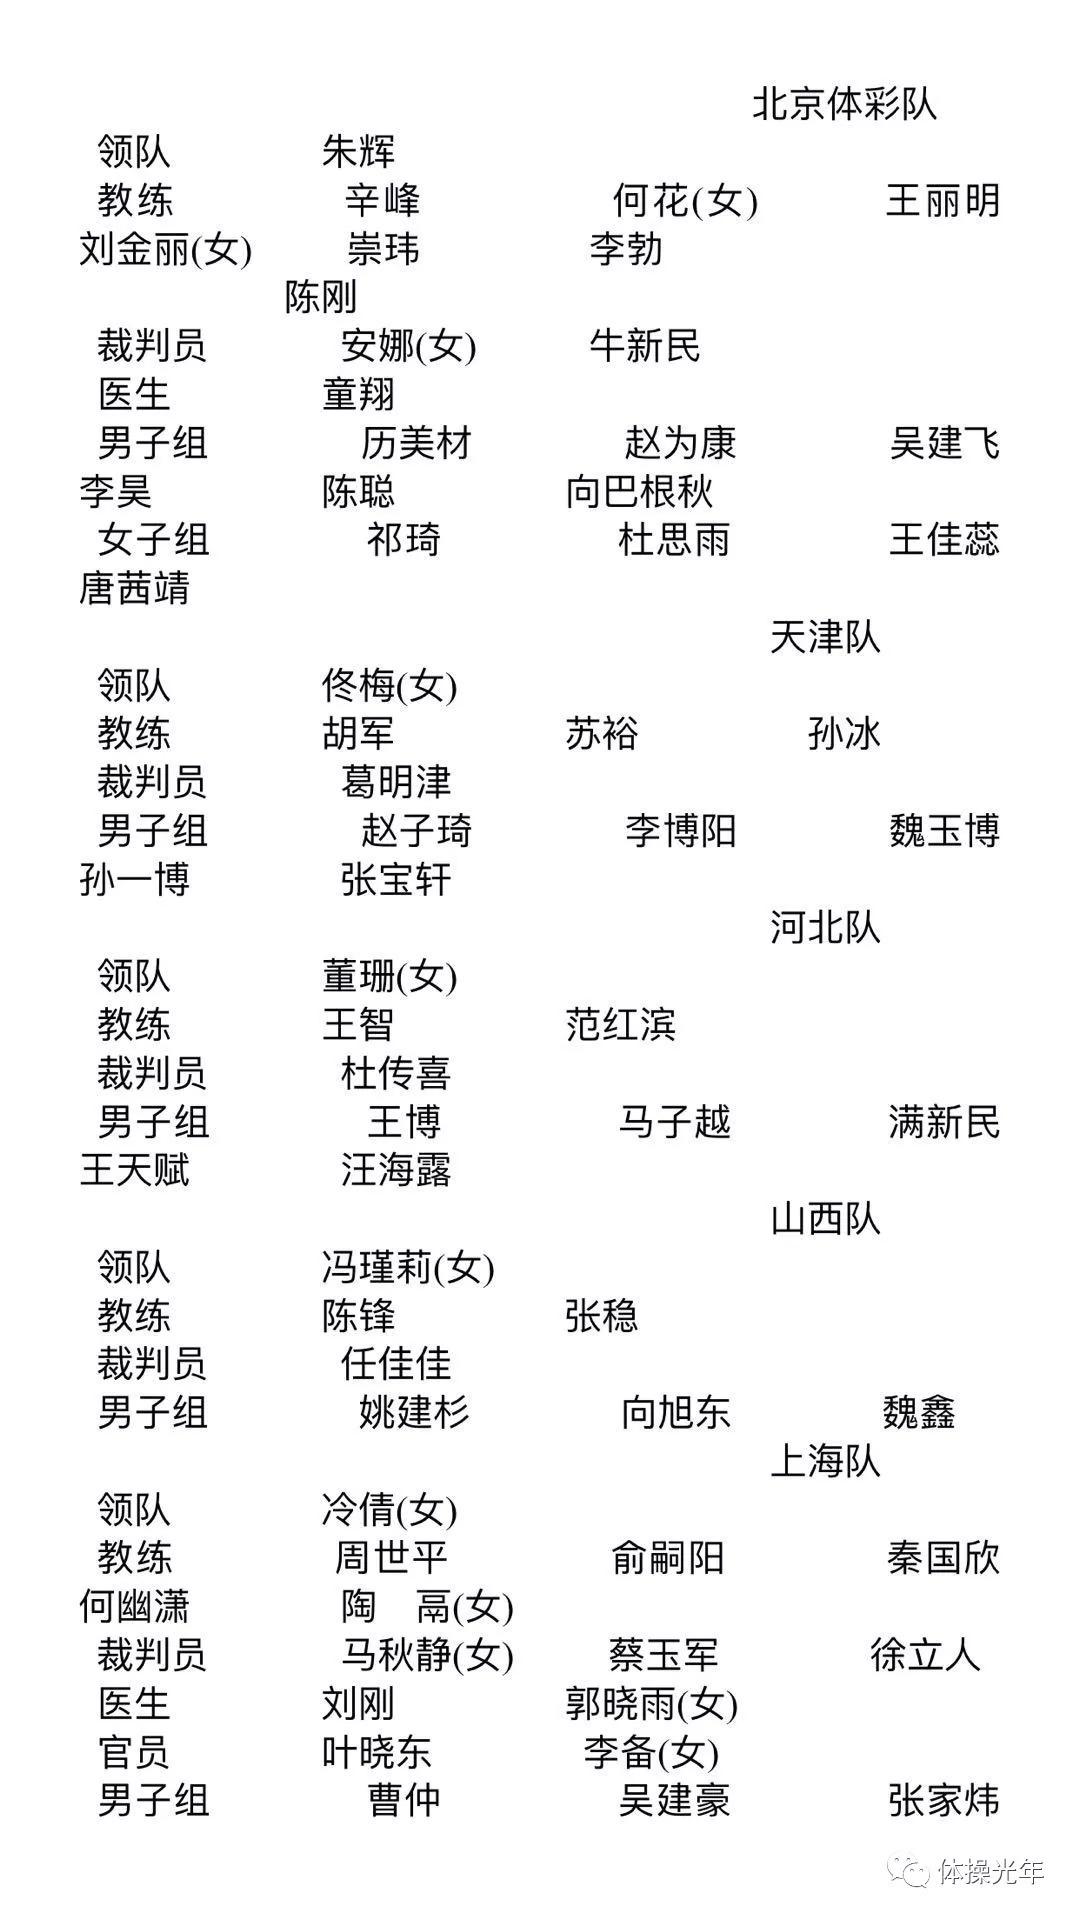 2018河南冠军赛前瞻